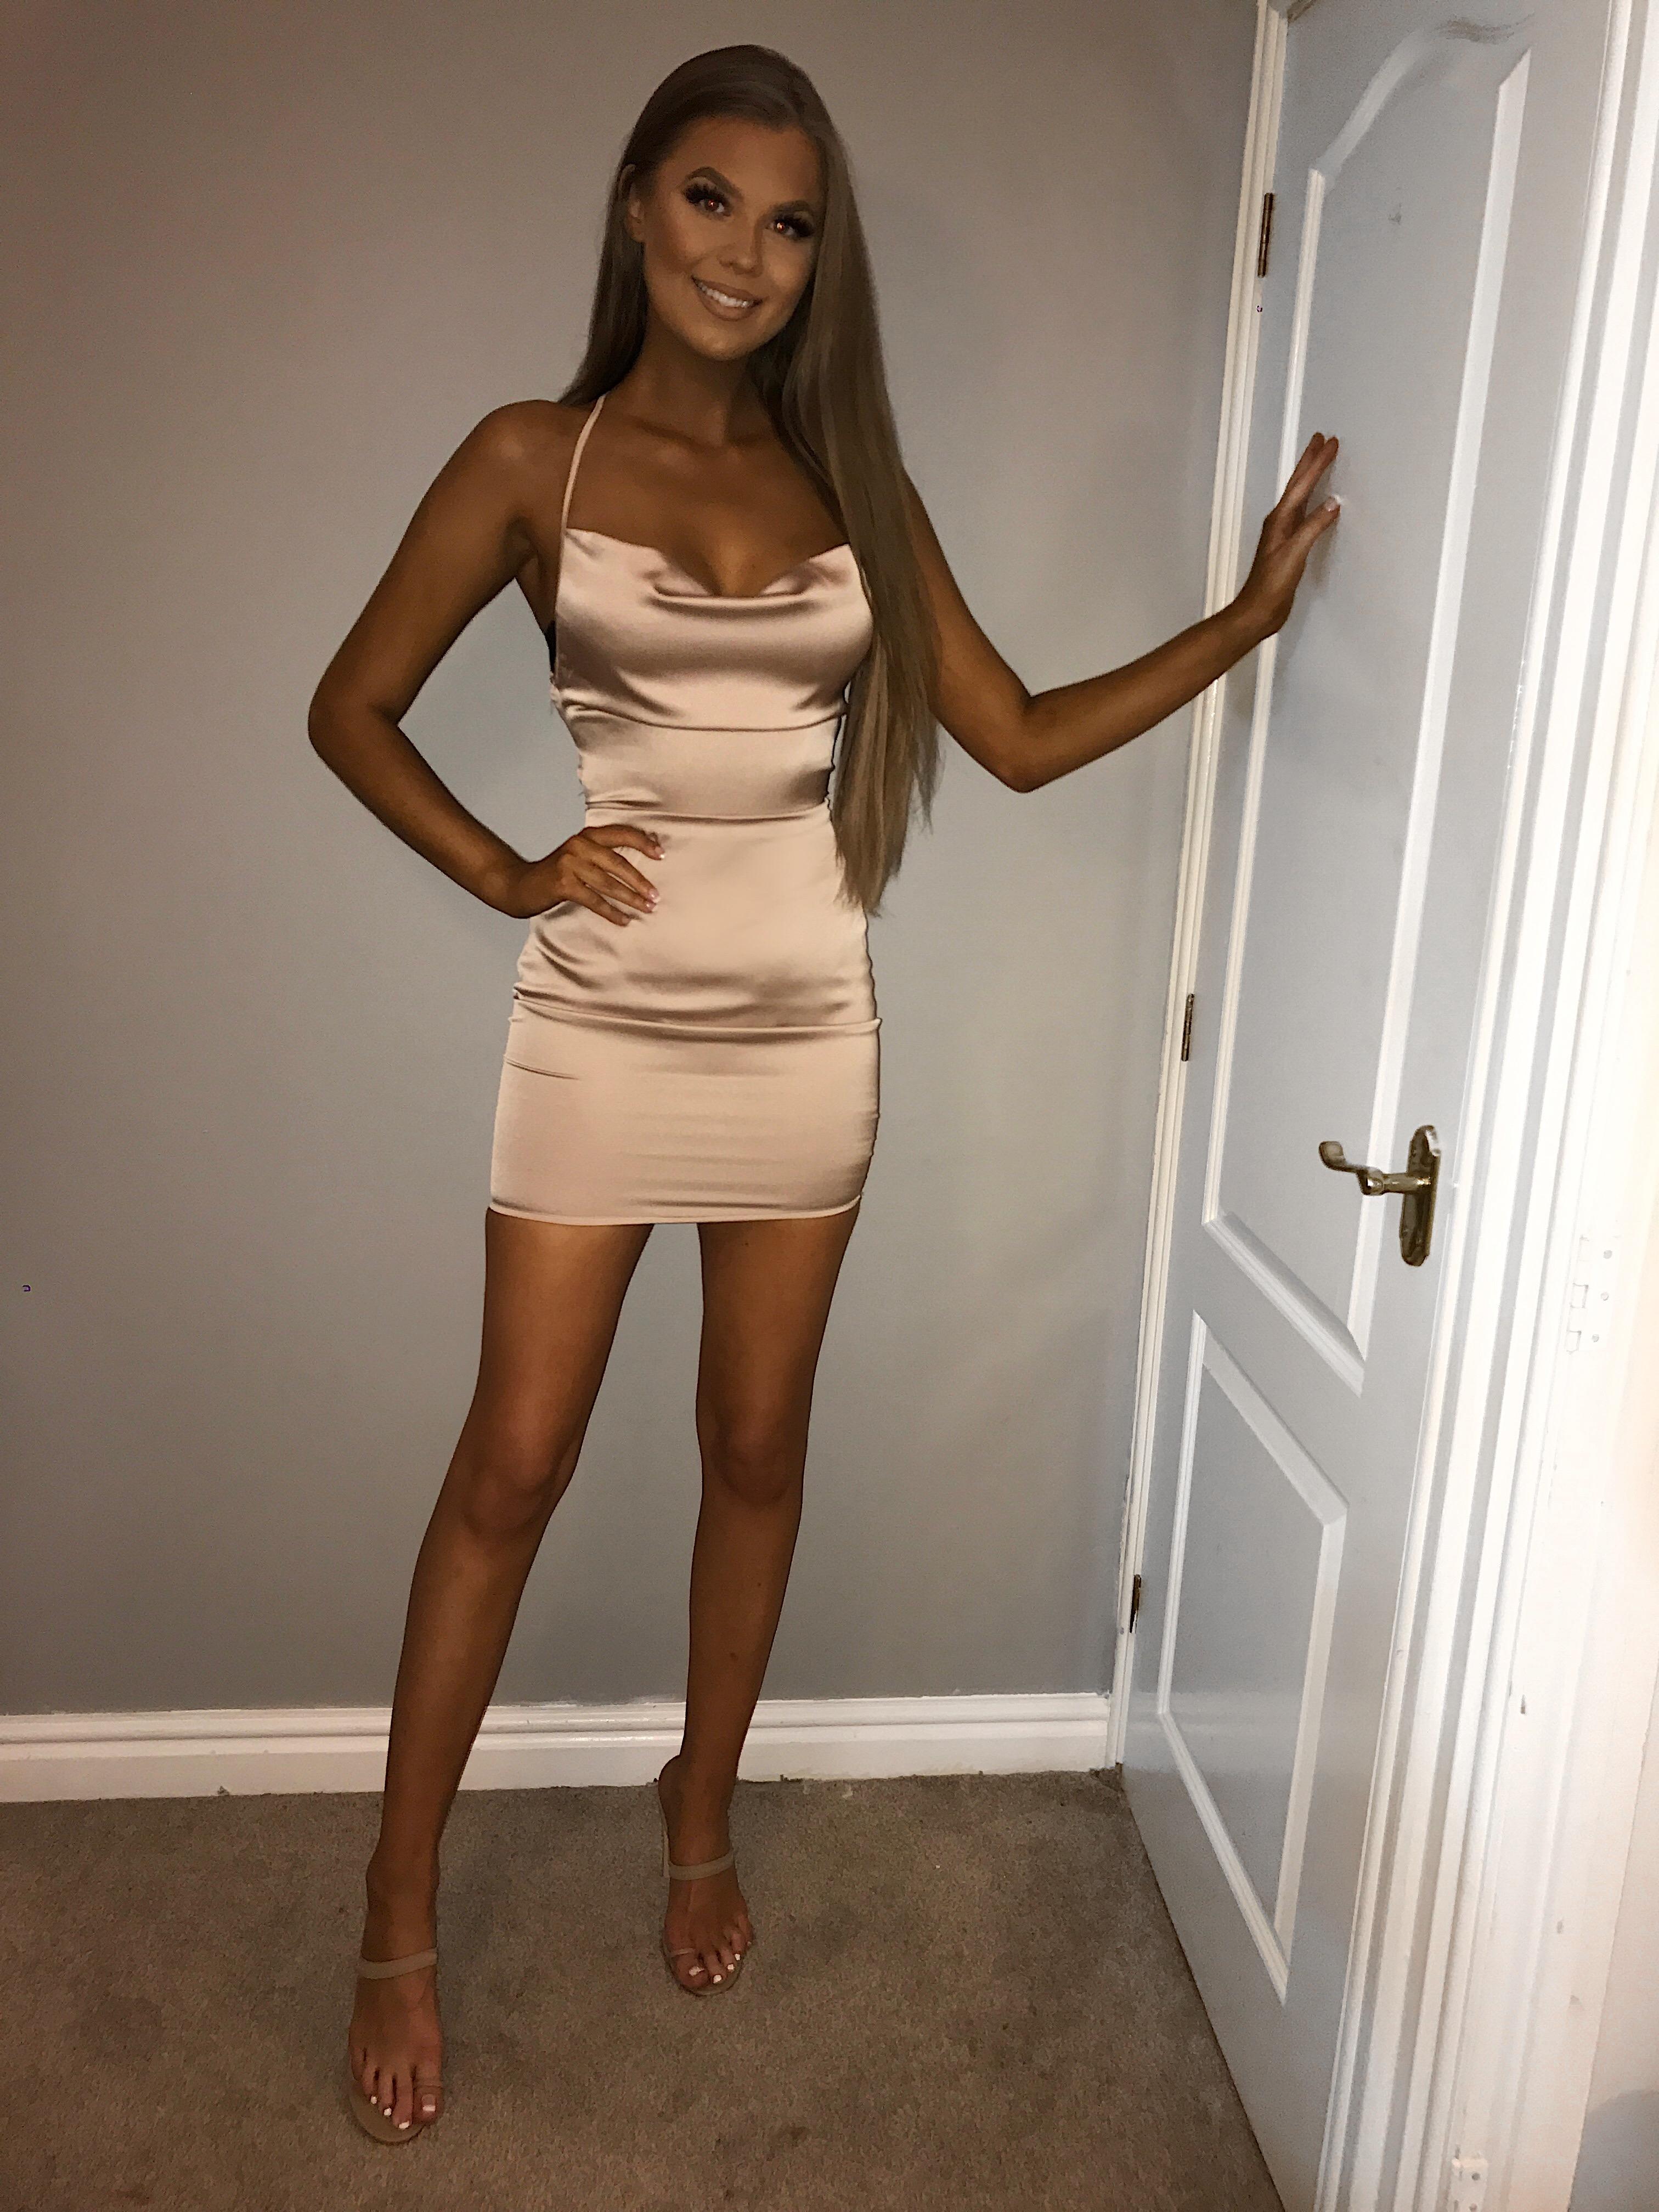 Valentina nude opened back satin dress - svlabel.com